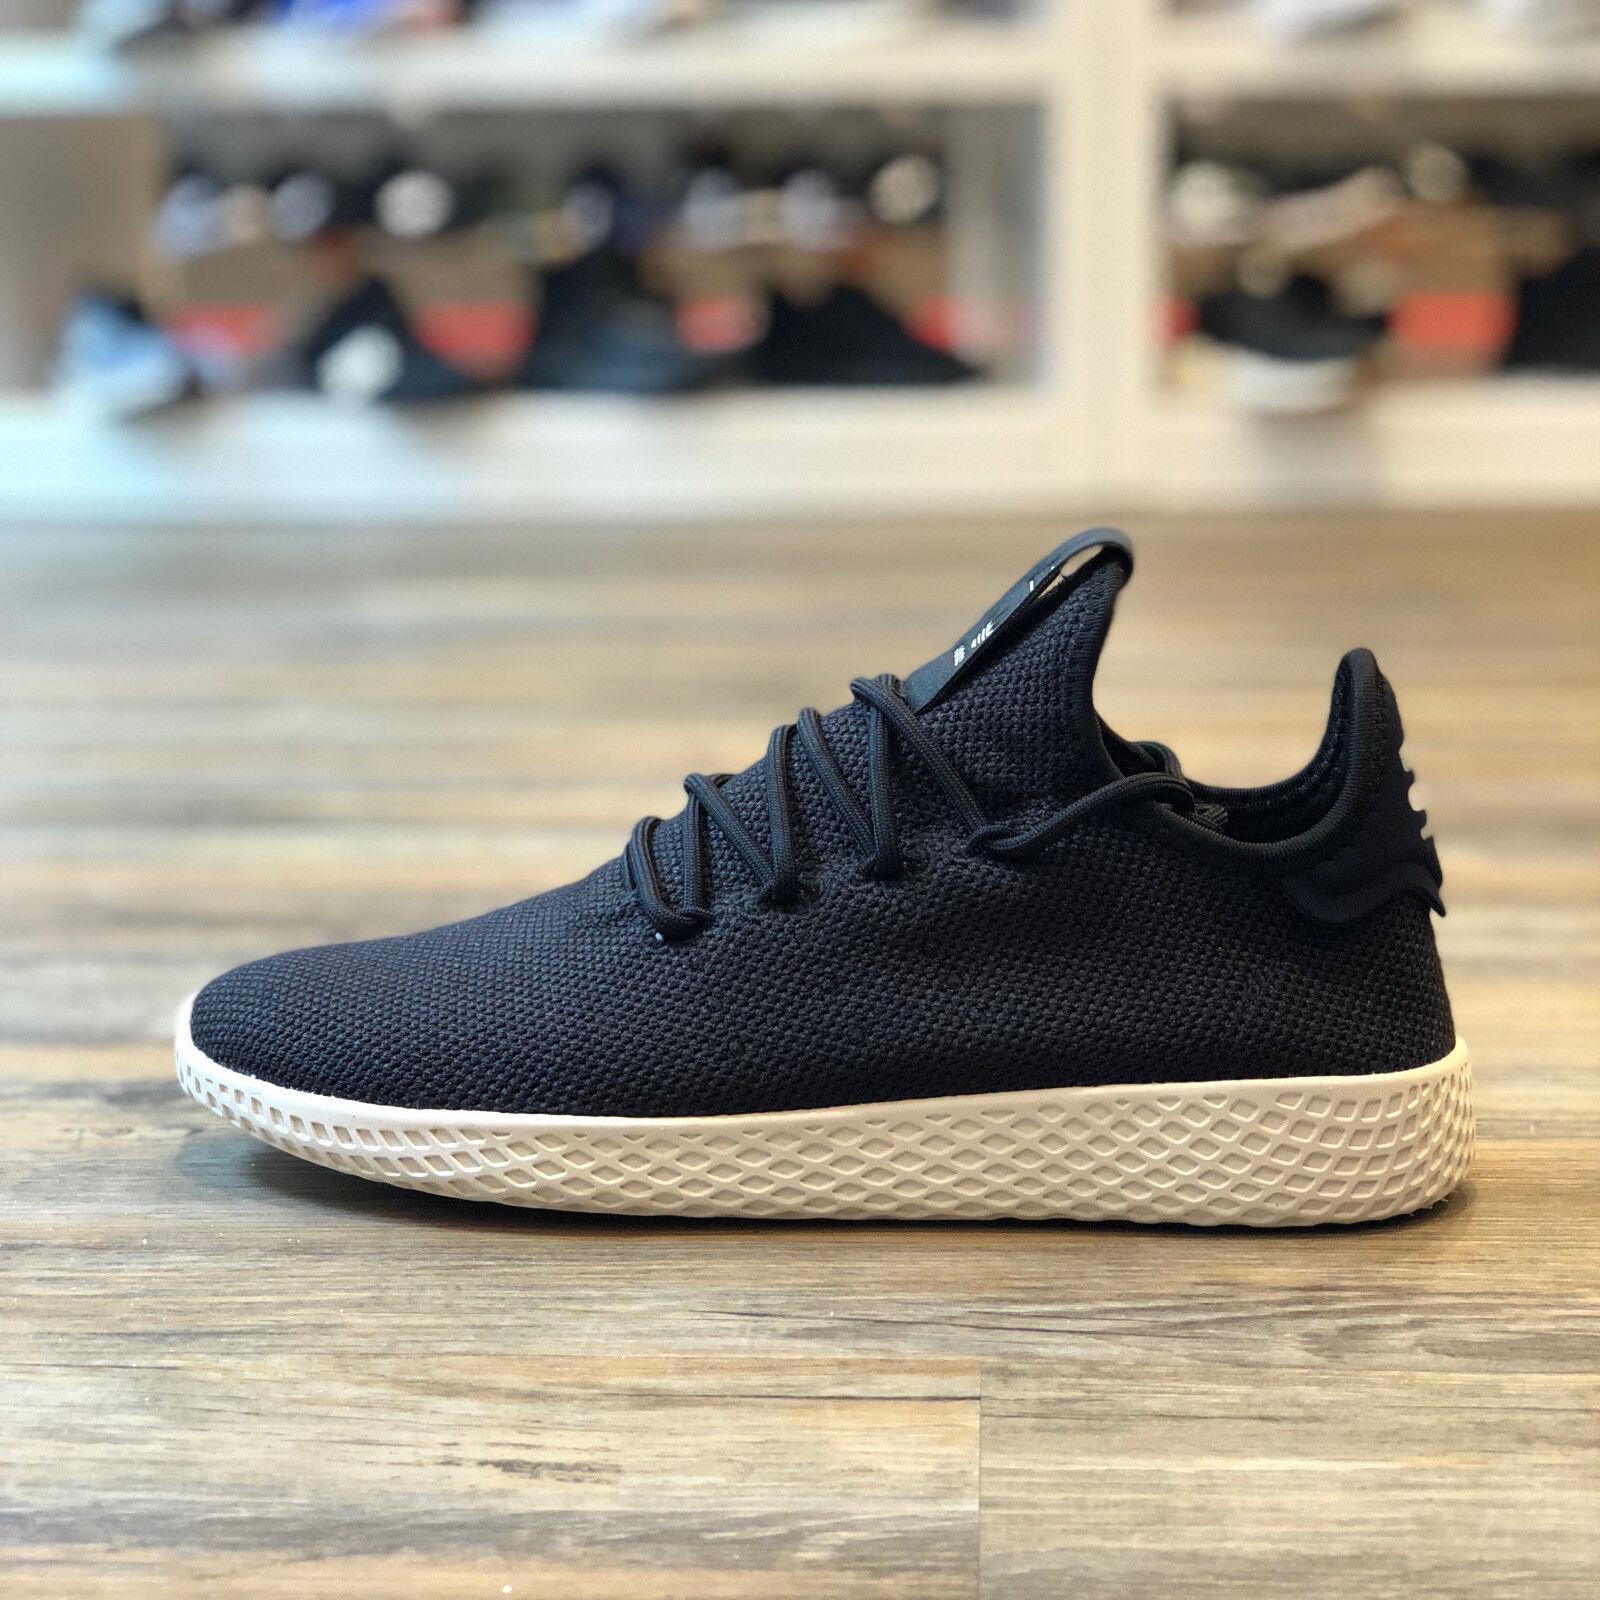 ADIDAS Pharrell Williams Tennis Hu Gr.44 2 3 Schuhe Turnschuhe schwarz Neu AQ1056